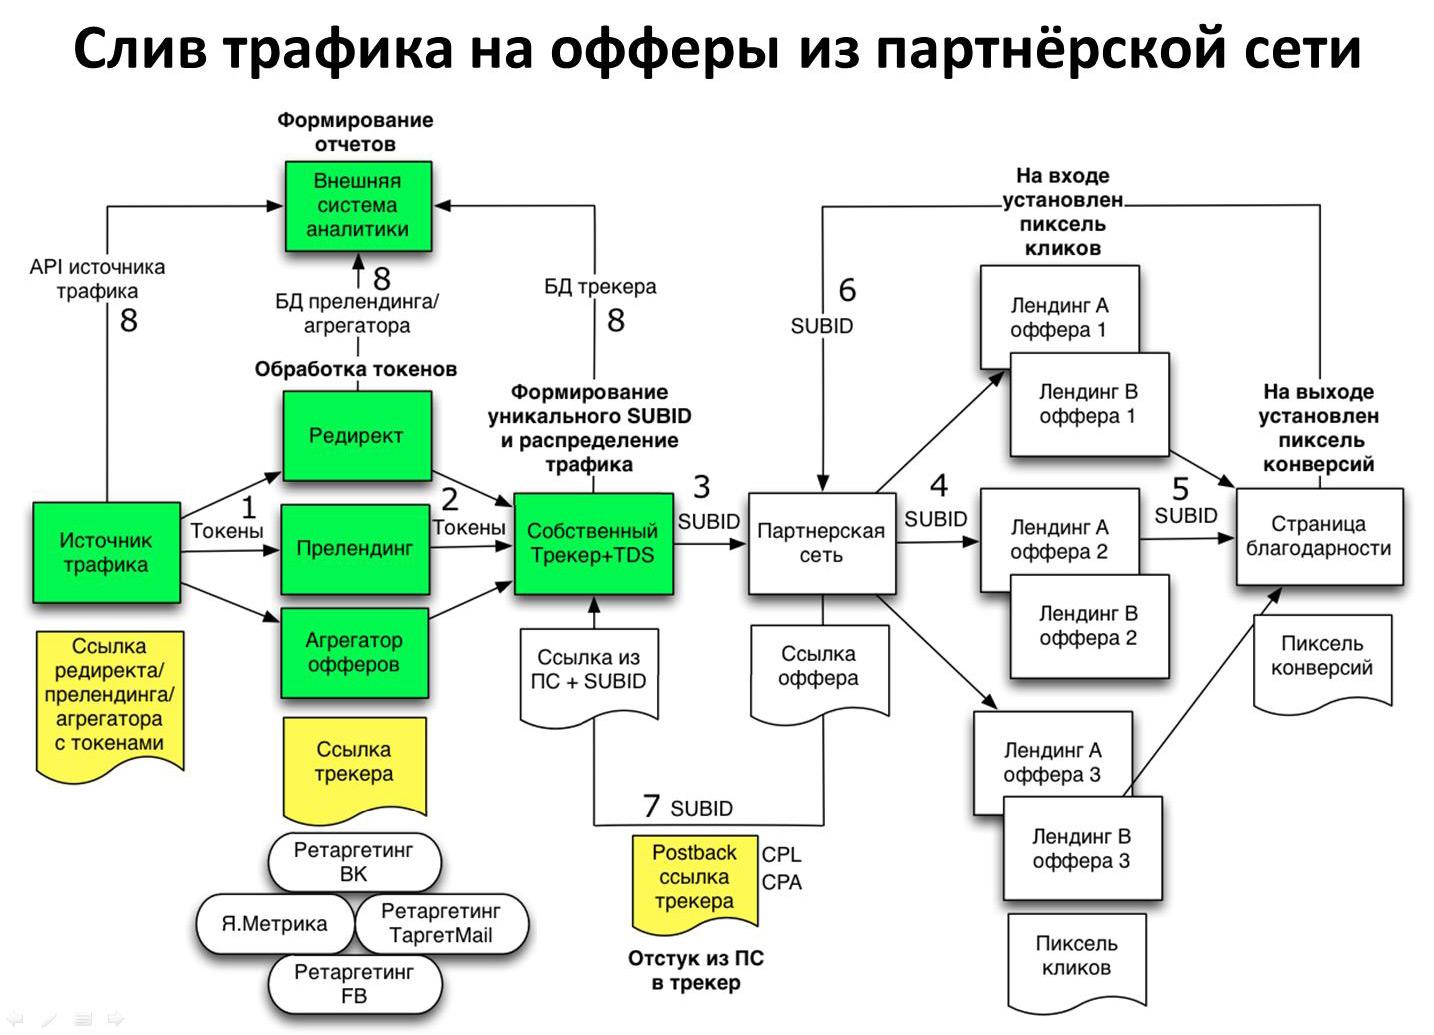 Оффер (трейд, джоб, cpa): что это такое, как составить и использовать  | копирайтинг c шардаковым